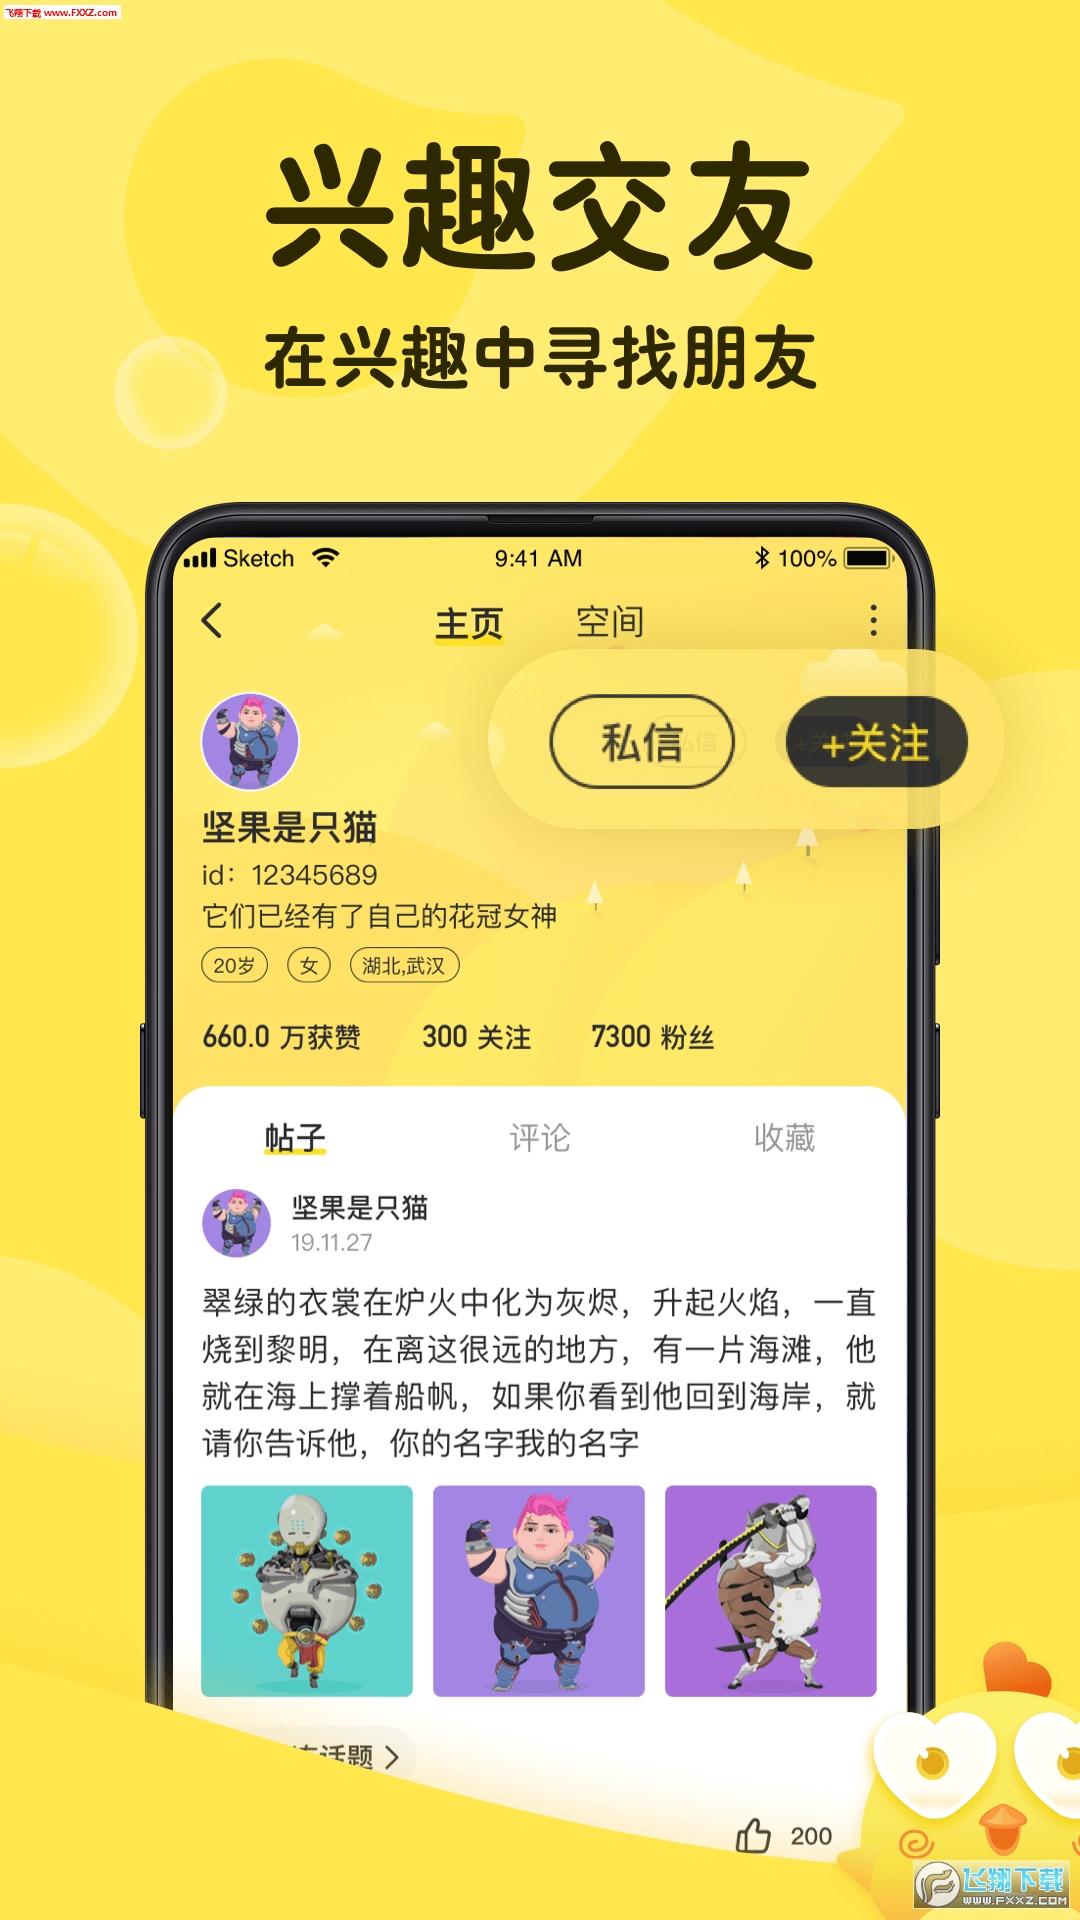 鸡冻兴趣社交app最新版4.0.0截图2